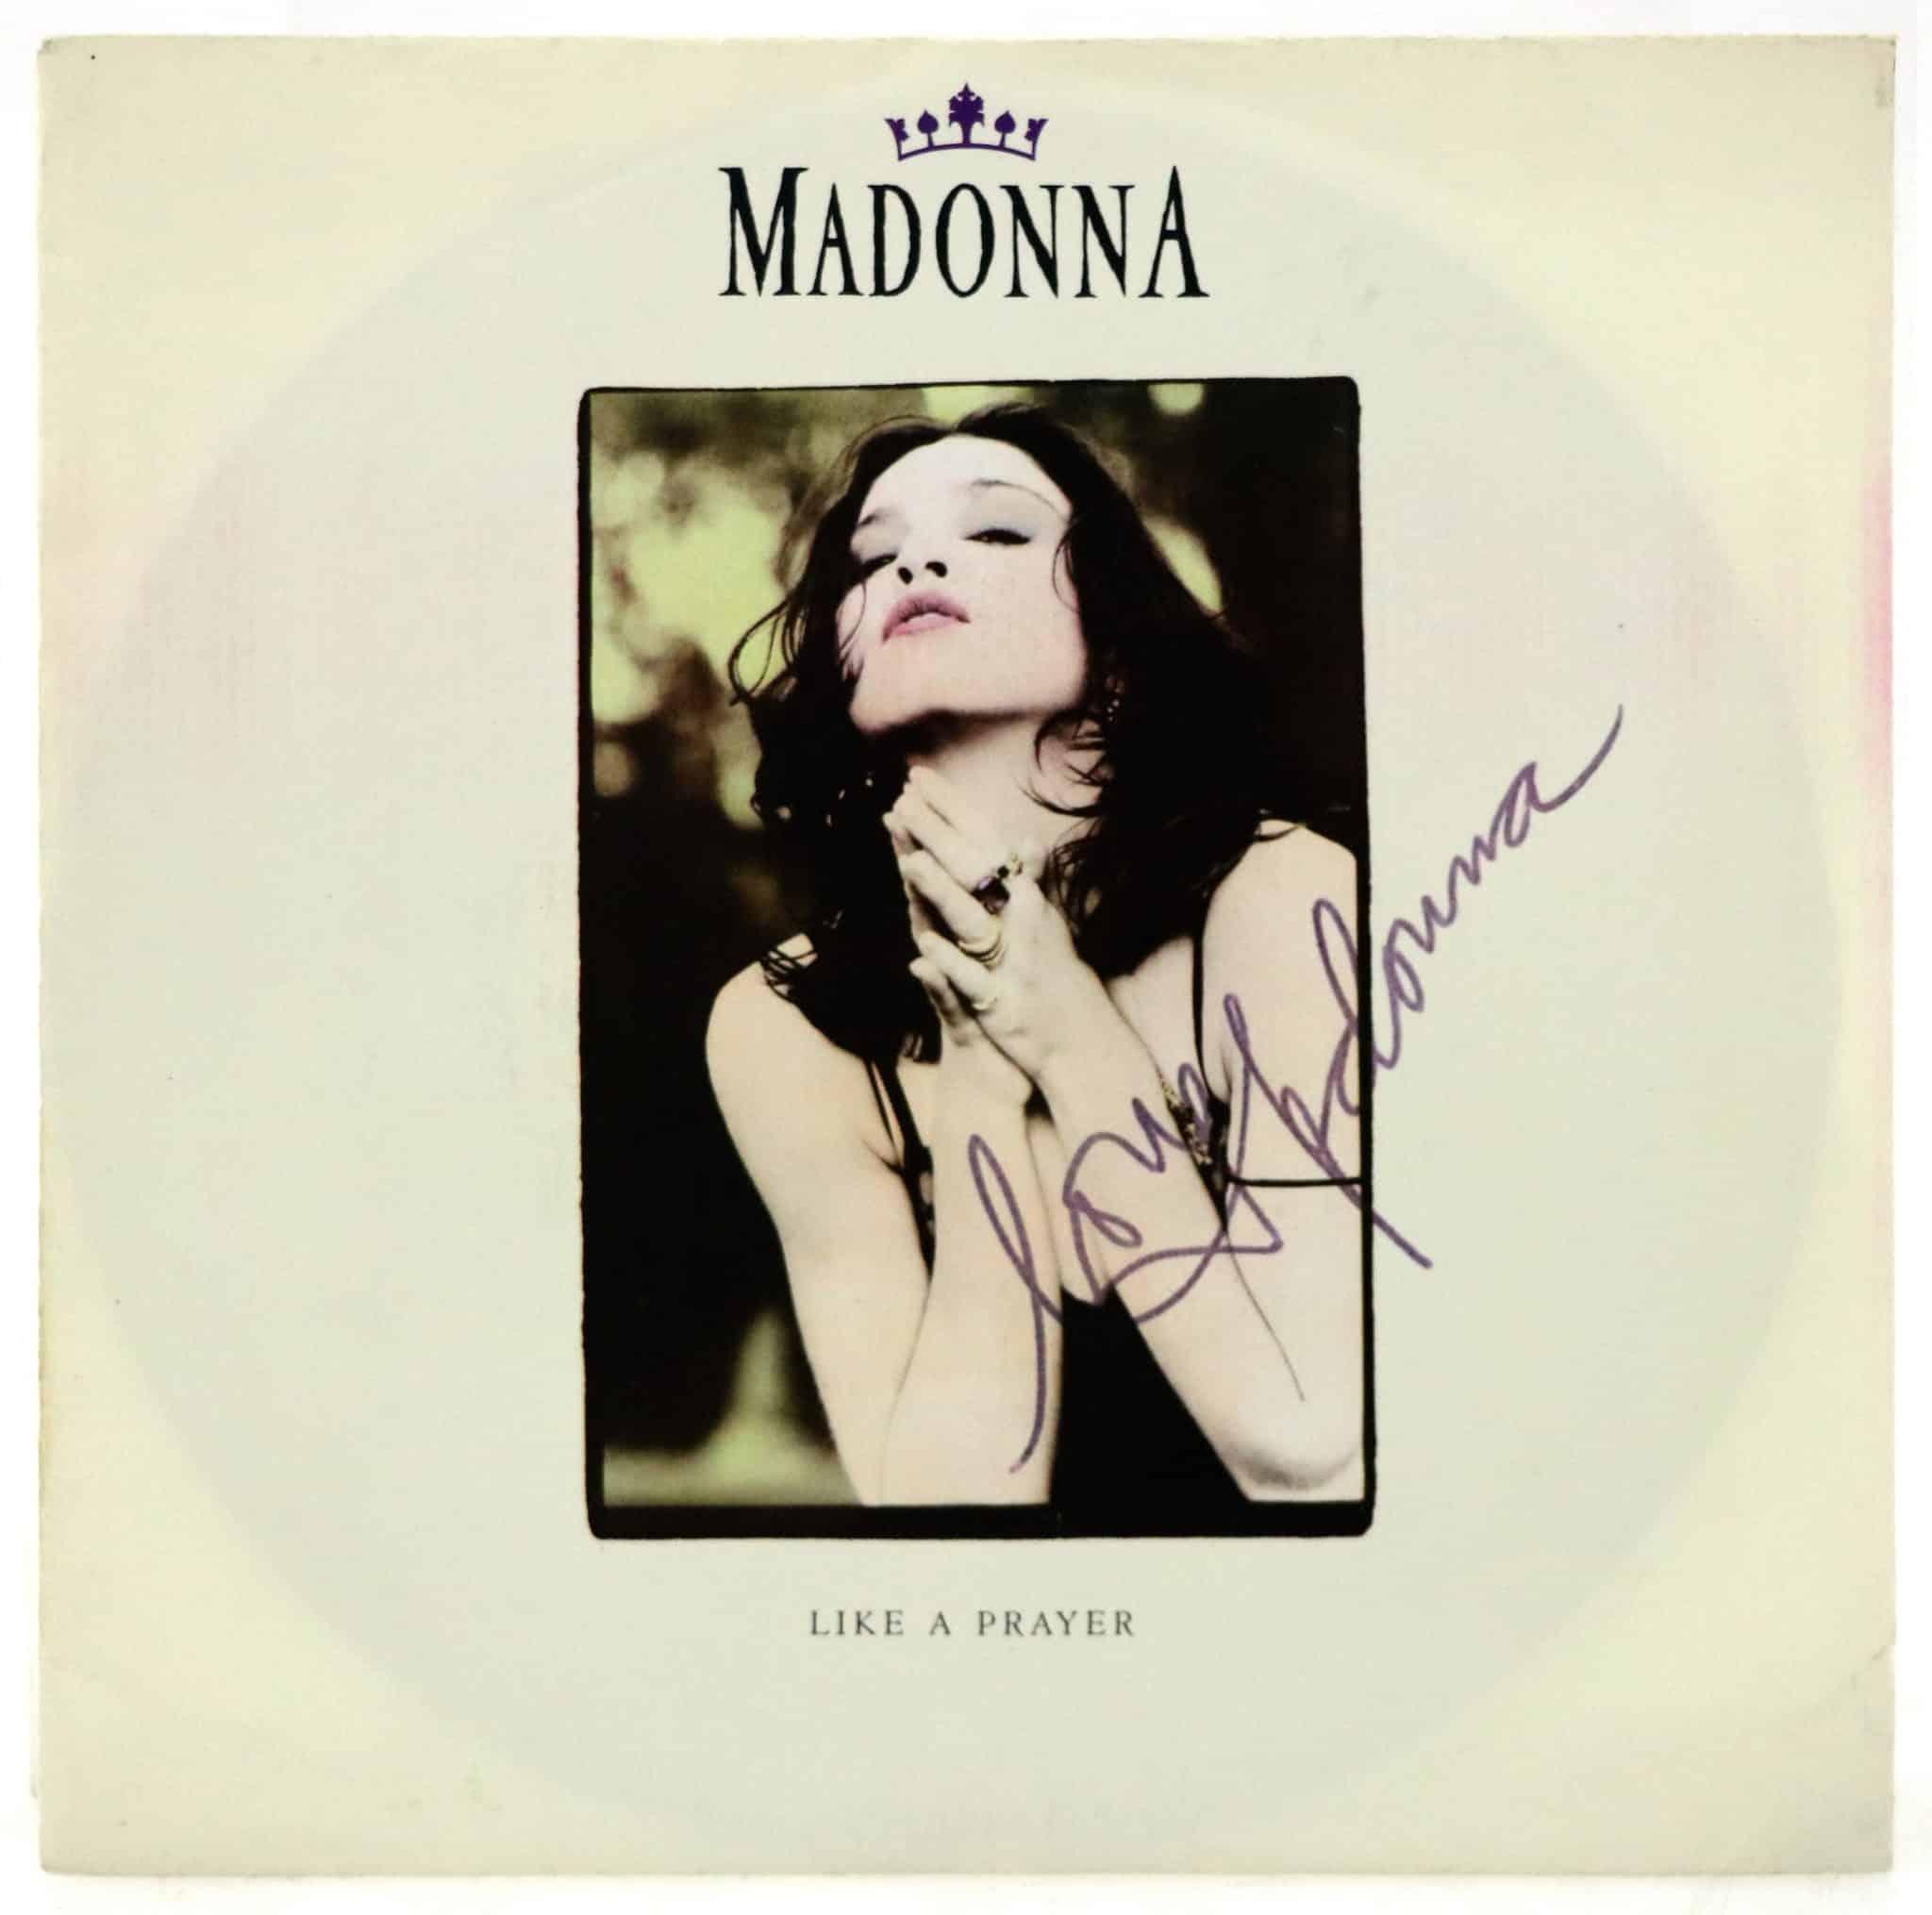 Madonna single dédicacé à offrir pour Noël